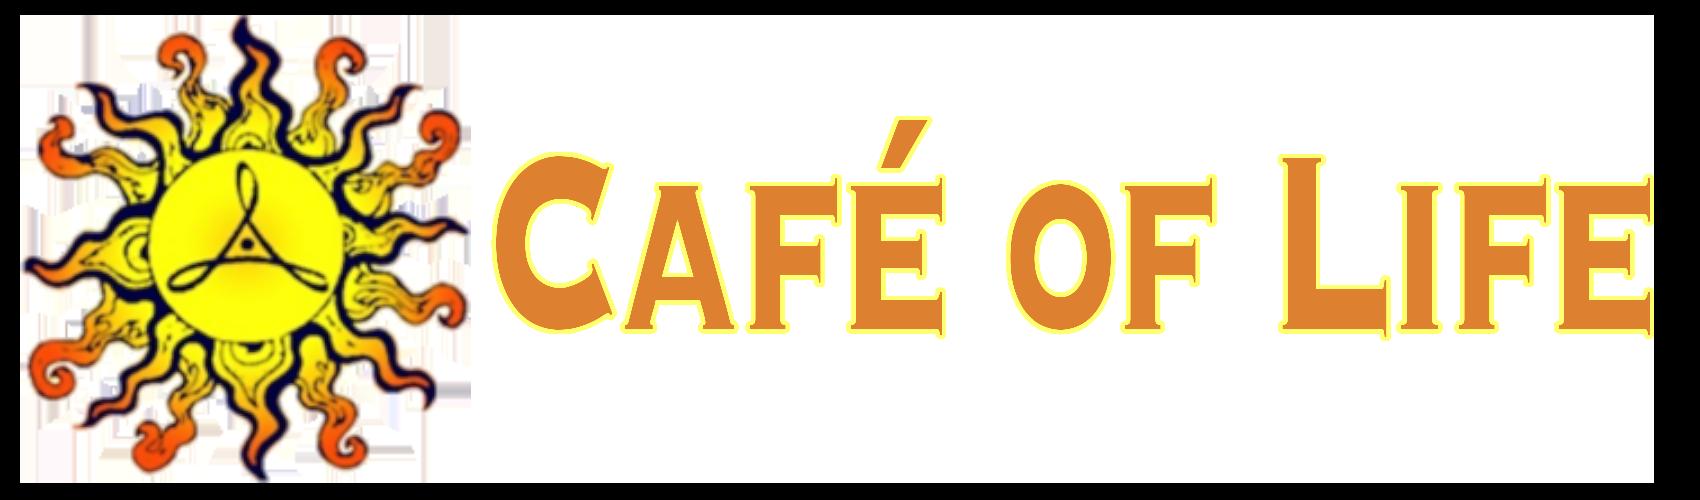 CafeofLifelongIsland